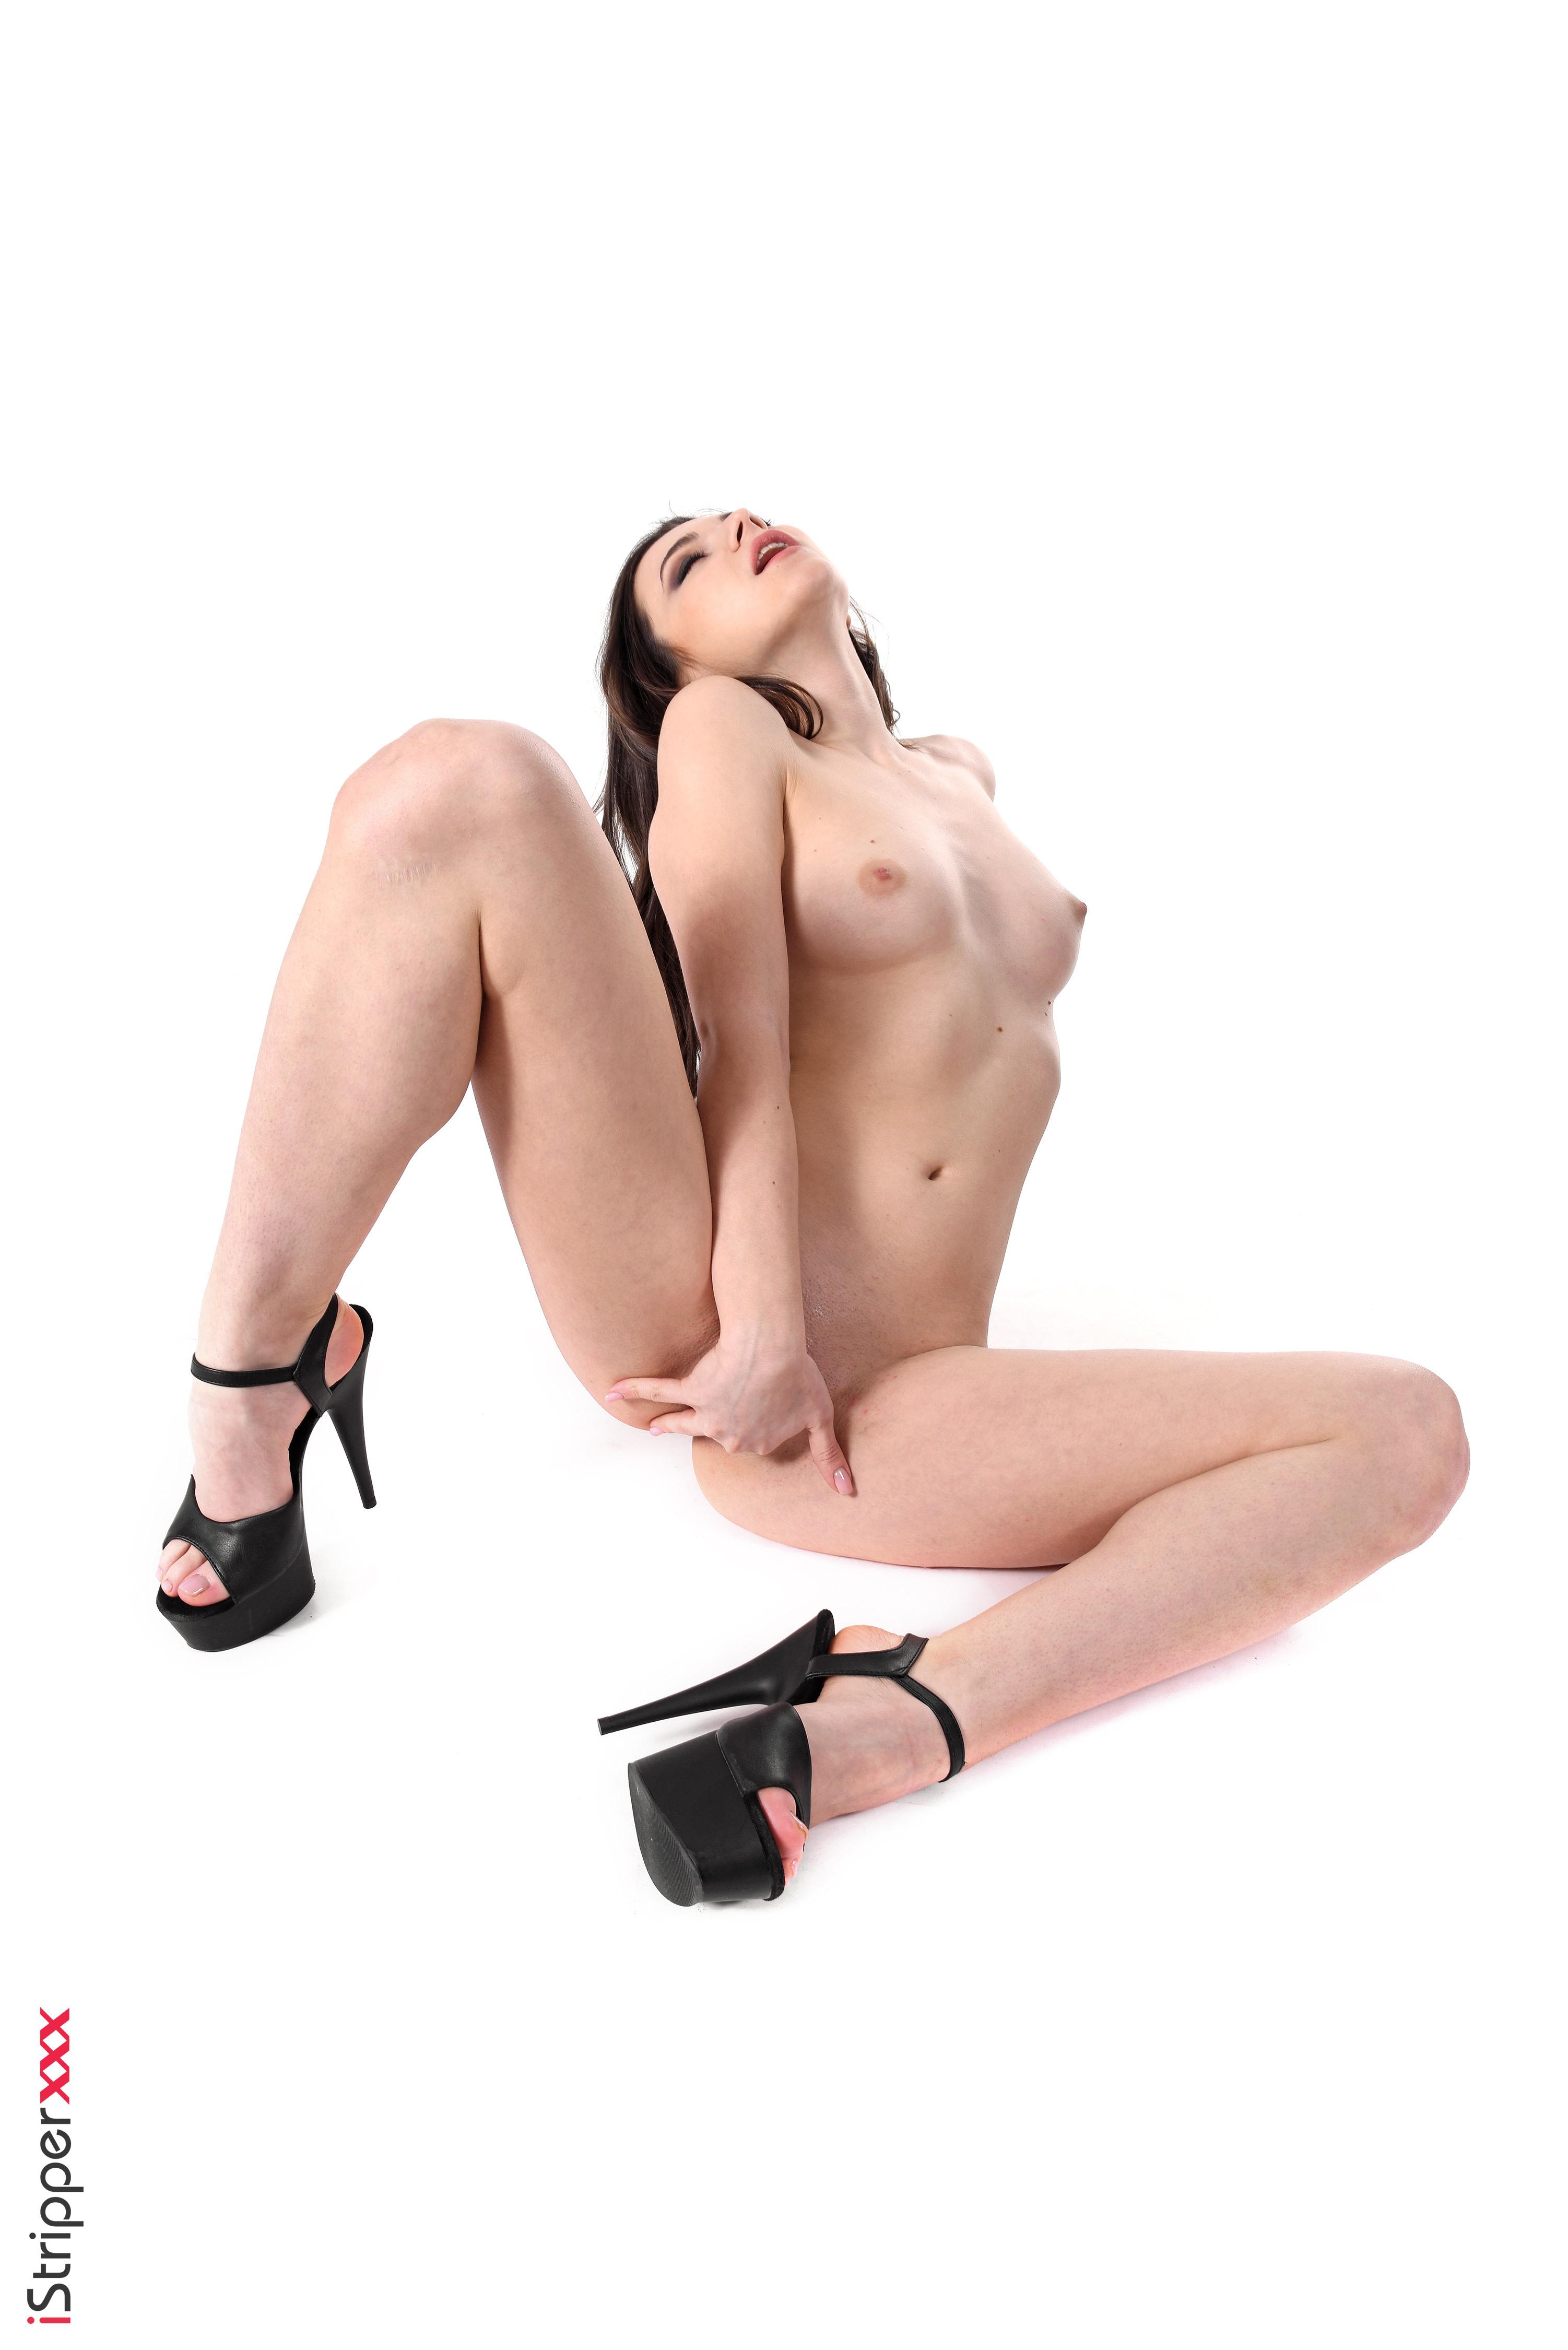 nude wallpaper hot